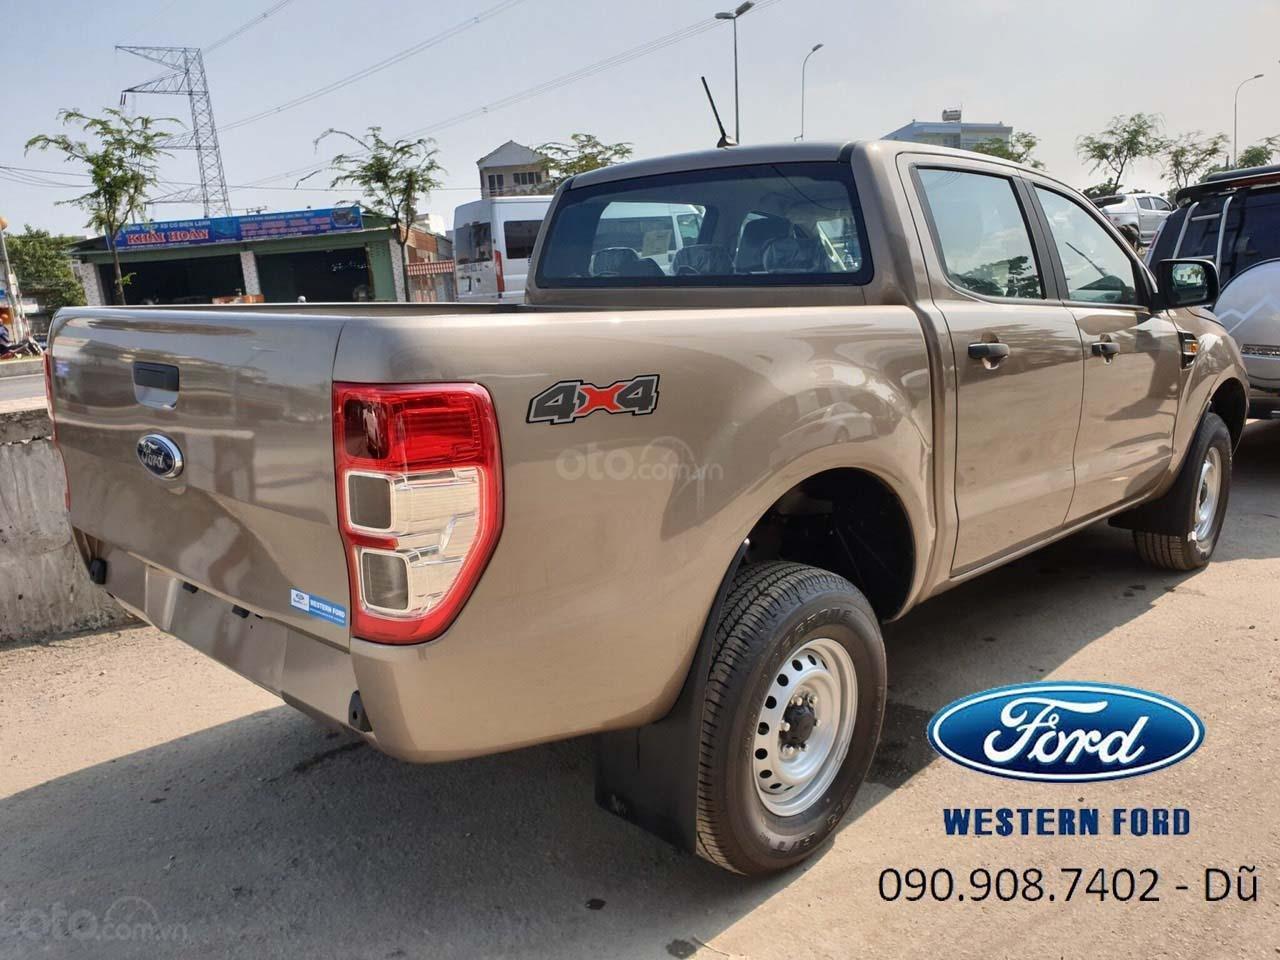 Cơ hội vàng để sở hữu Ford Ranger - ông vua bán tải với ưu đãi hấp dẫn nhất năm (5)